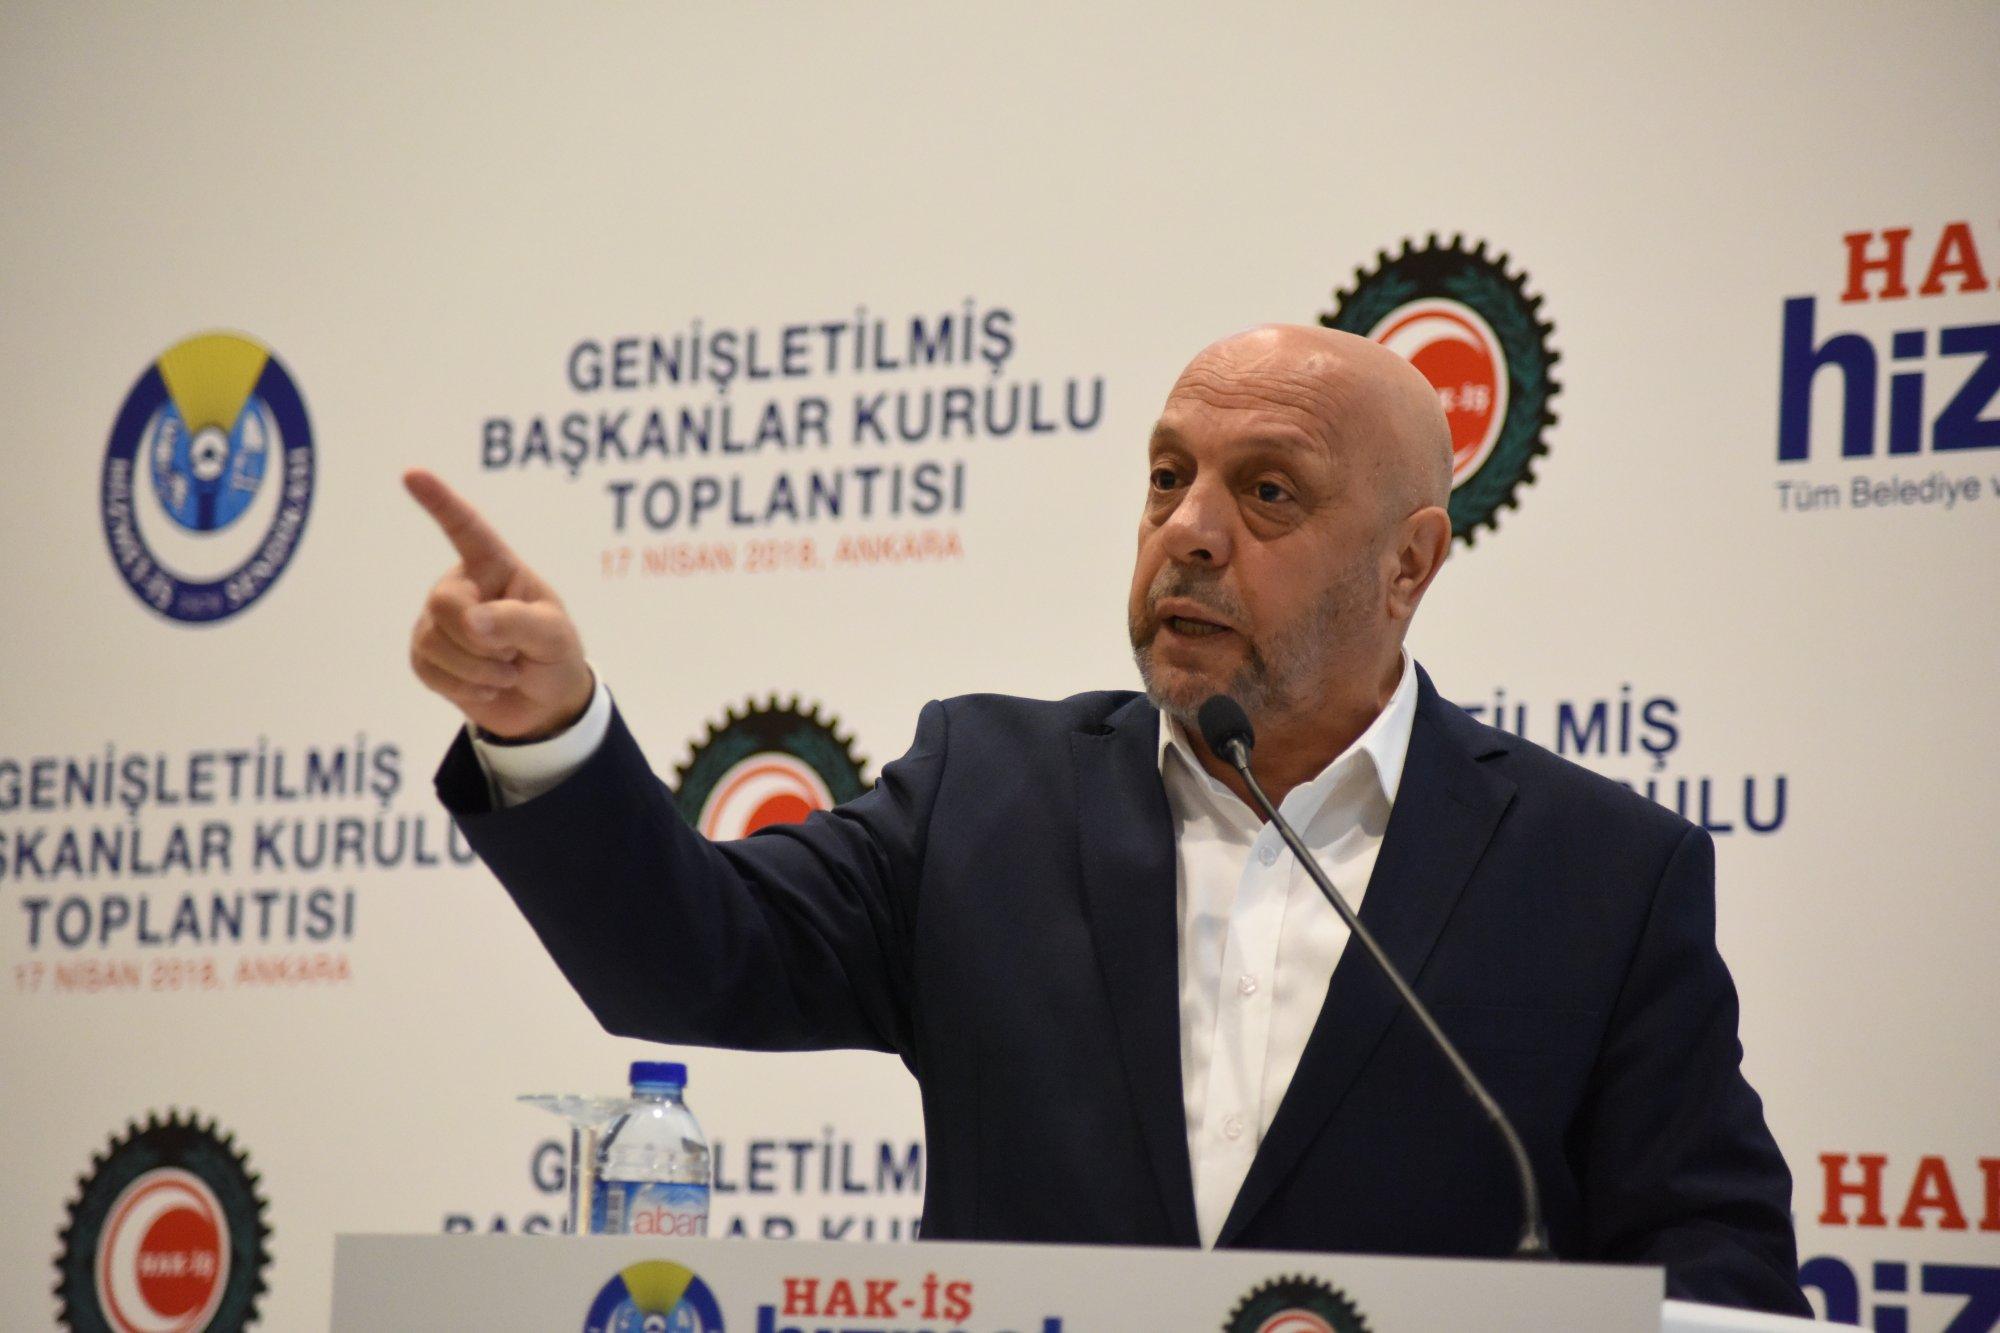 ARSLAN, HİZMET-İŞ GENİŞLETİLMİŞ BAŞKANLAR KURULU'NA KATILDI